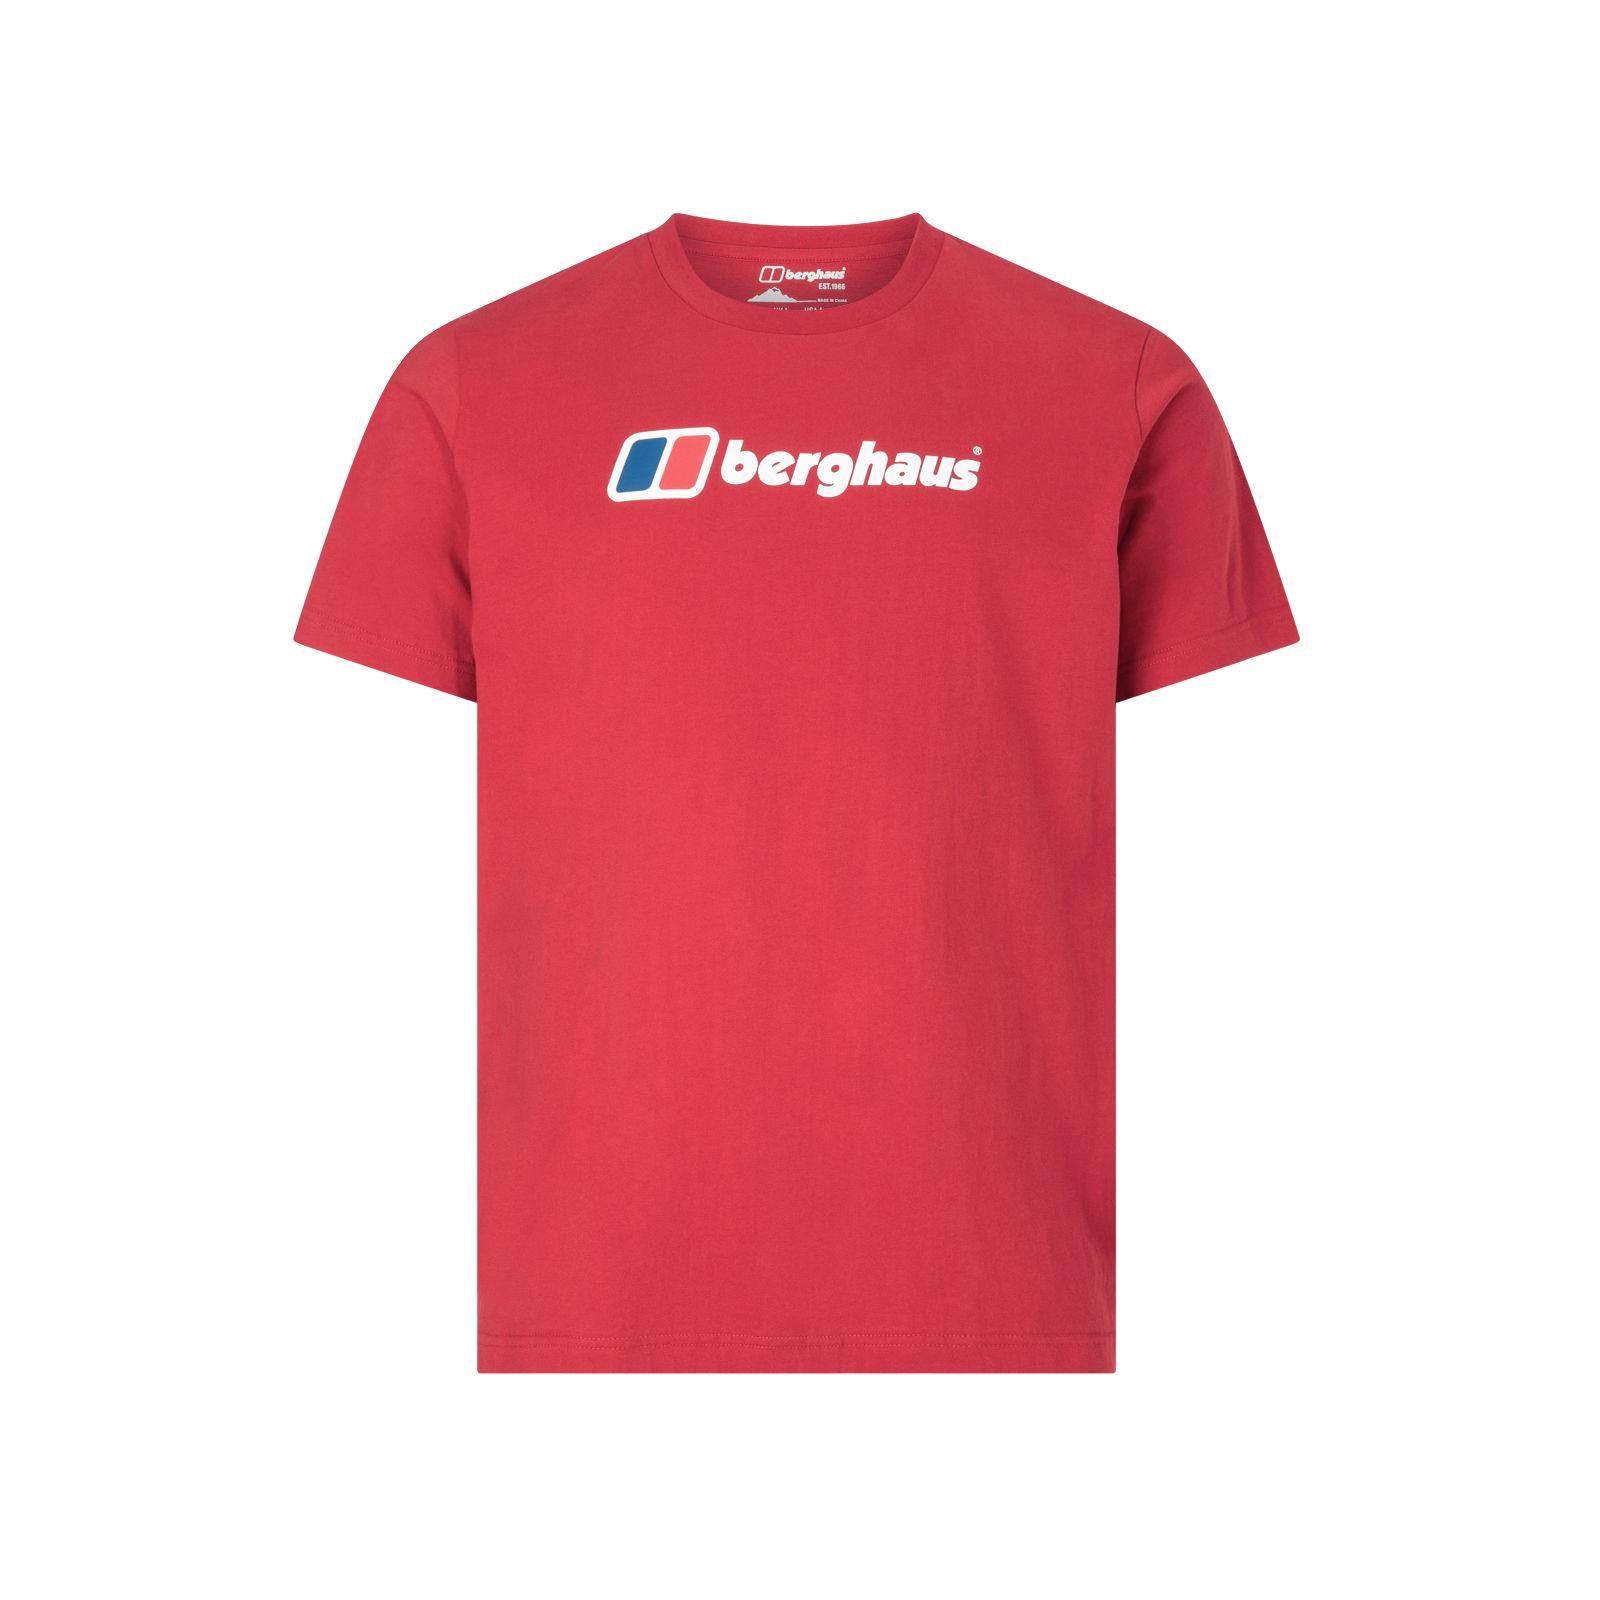 Berghaus Big Corporate Logo Mens T-Shirt Red - L